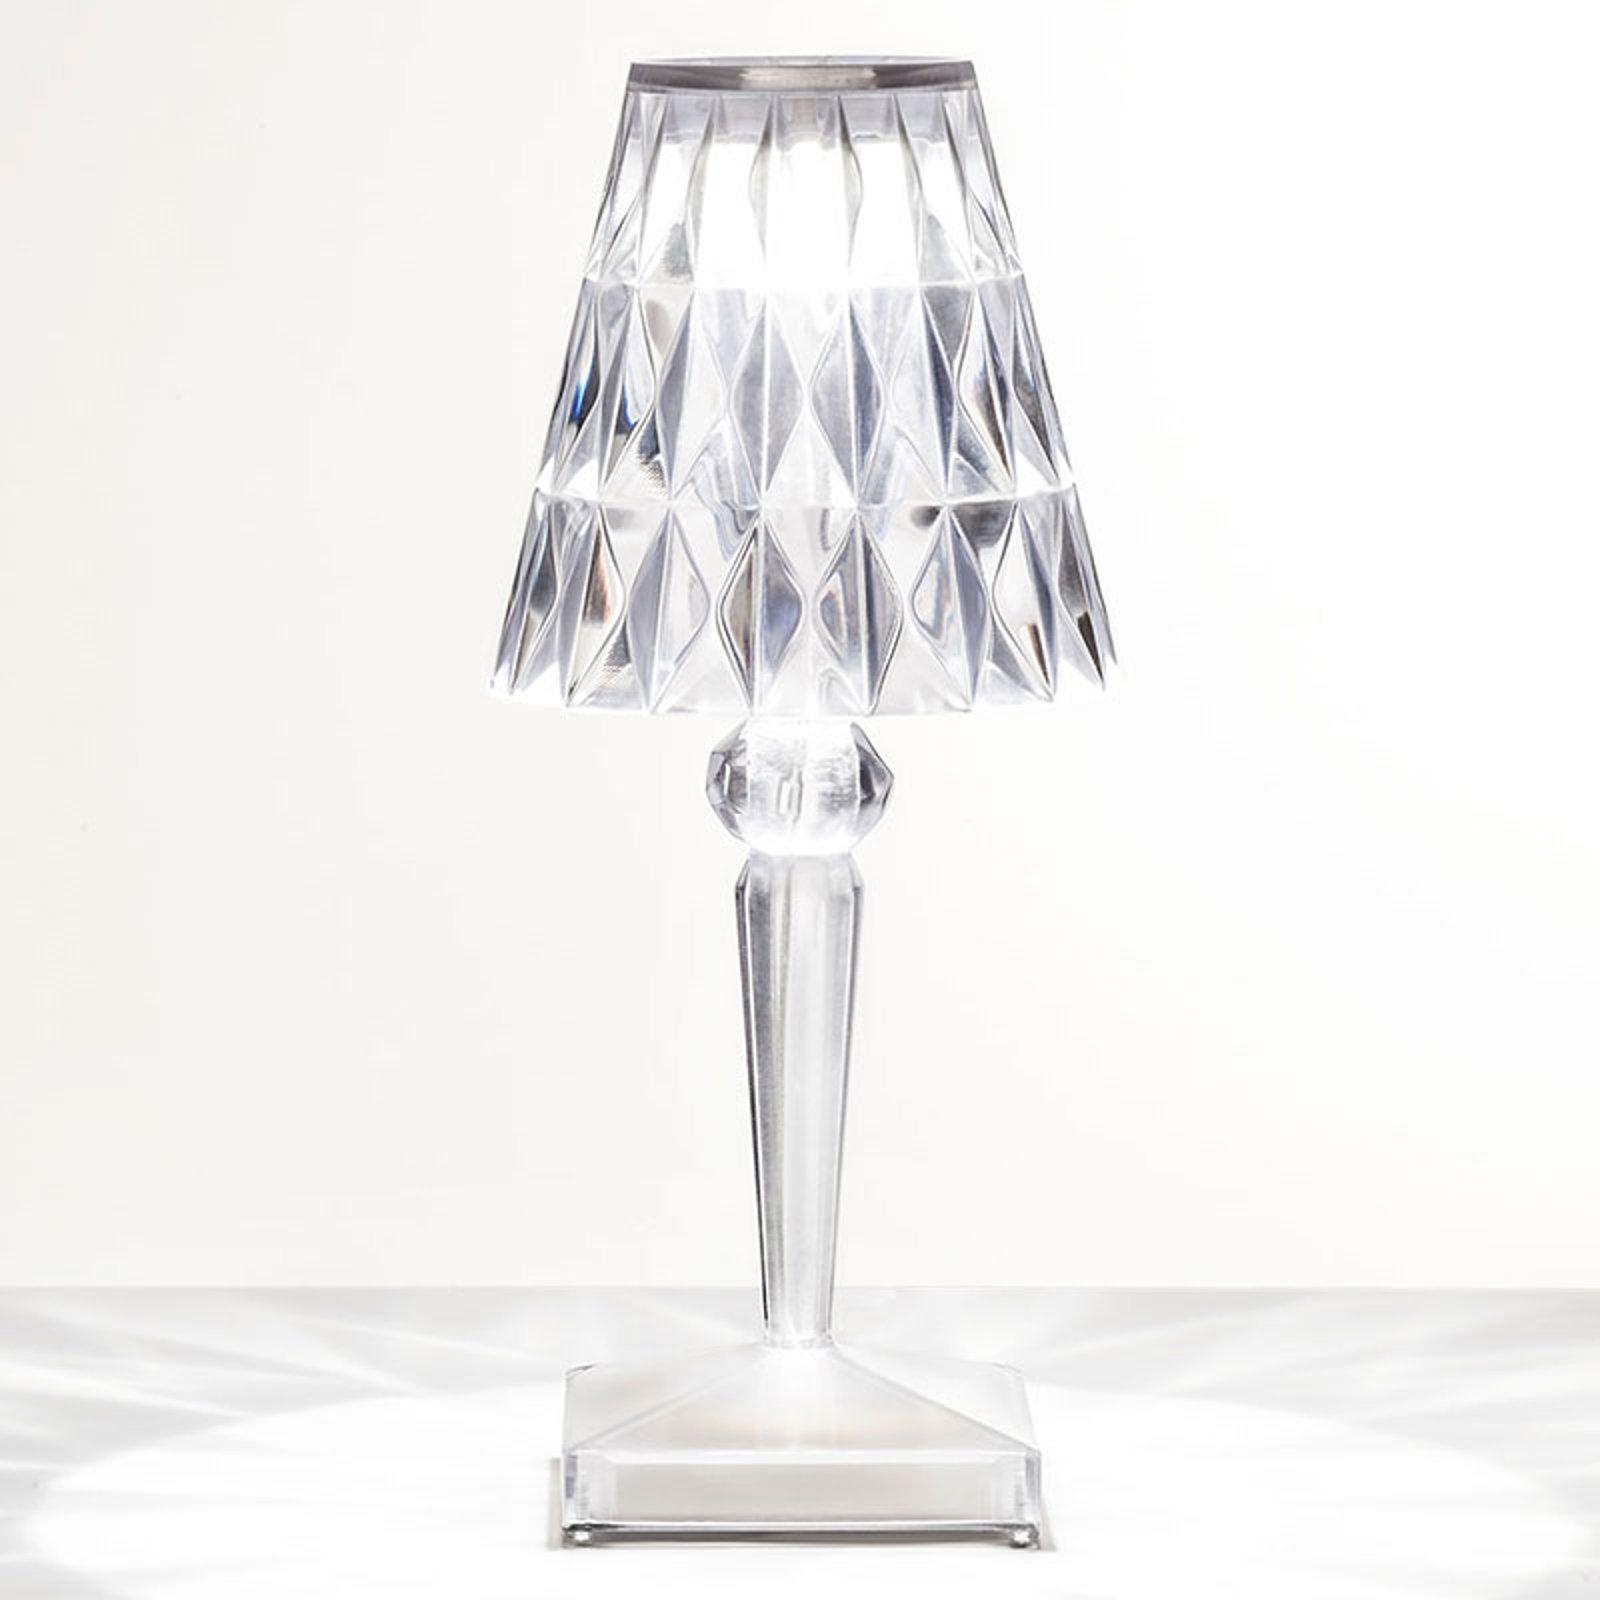 Deko LED bordlampe Battery med IP54, transparent